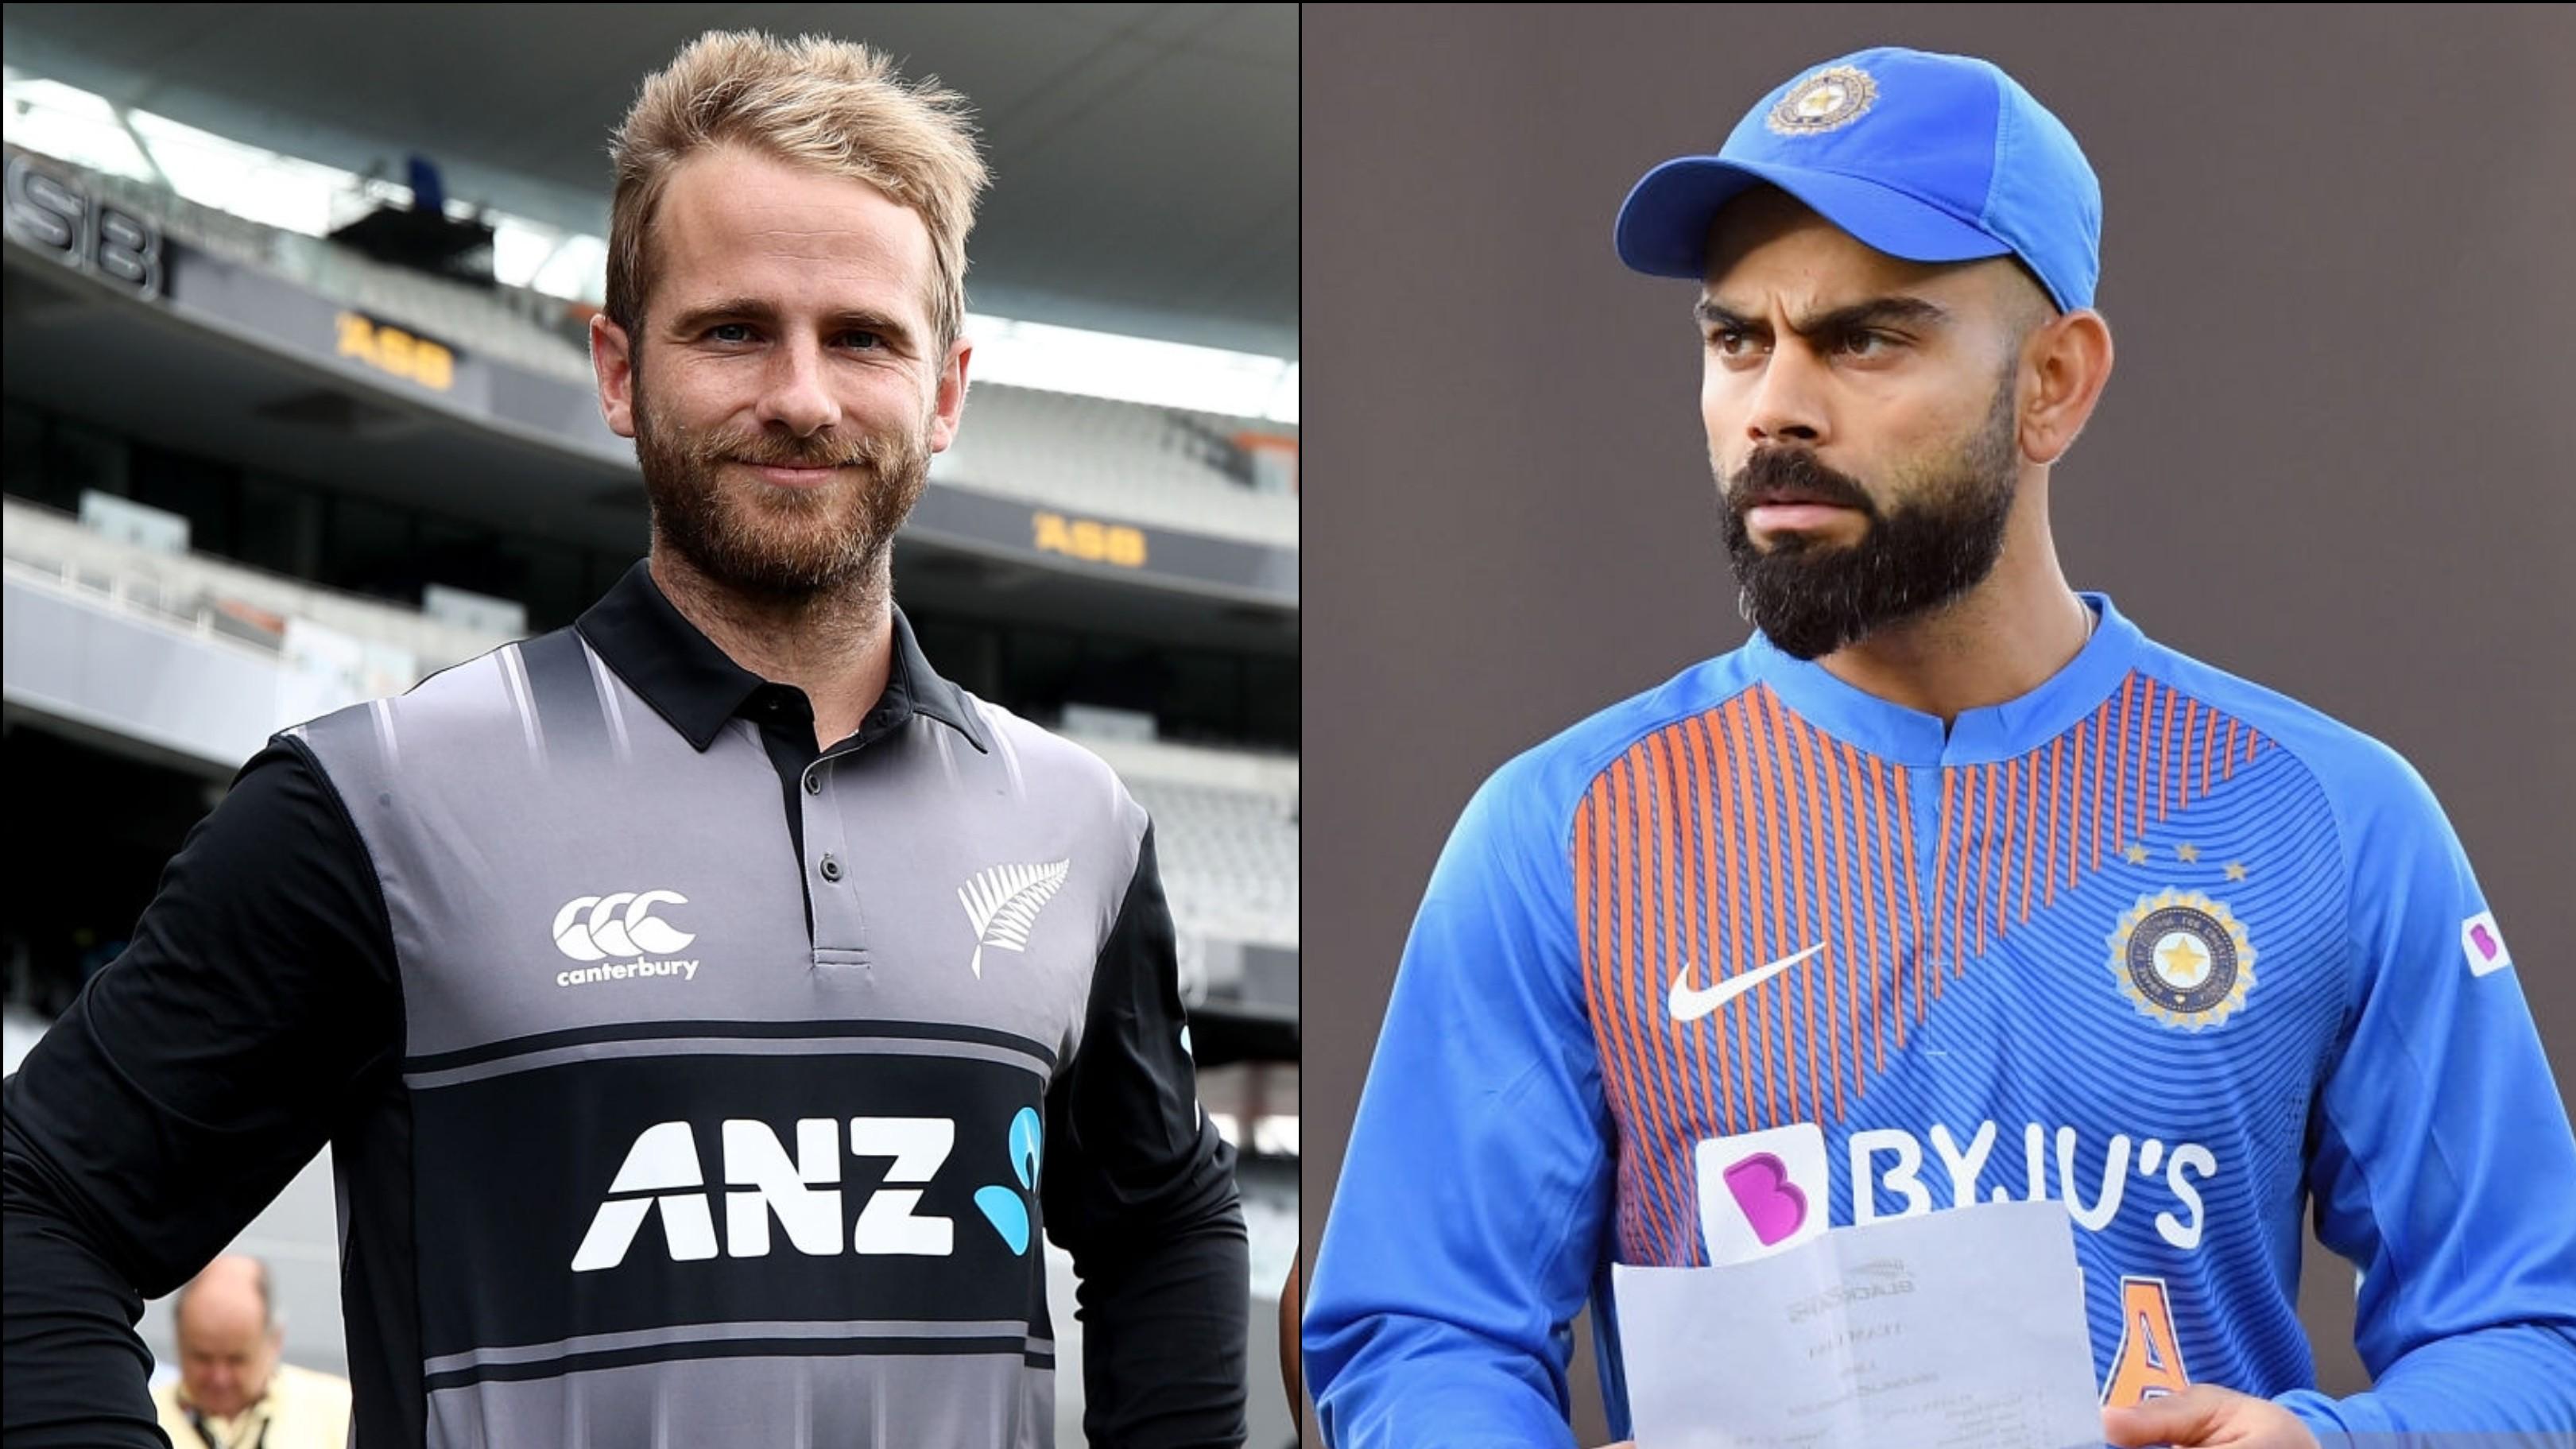 IND v NZ 2020: कल ऑकलैंड में खेला जाएगा दूसरा टी-20, यहाँ देखें संभावित टीम और प्रीव्यू